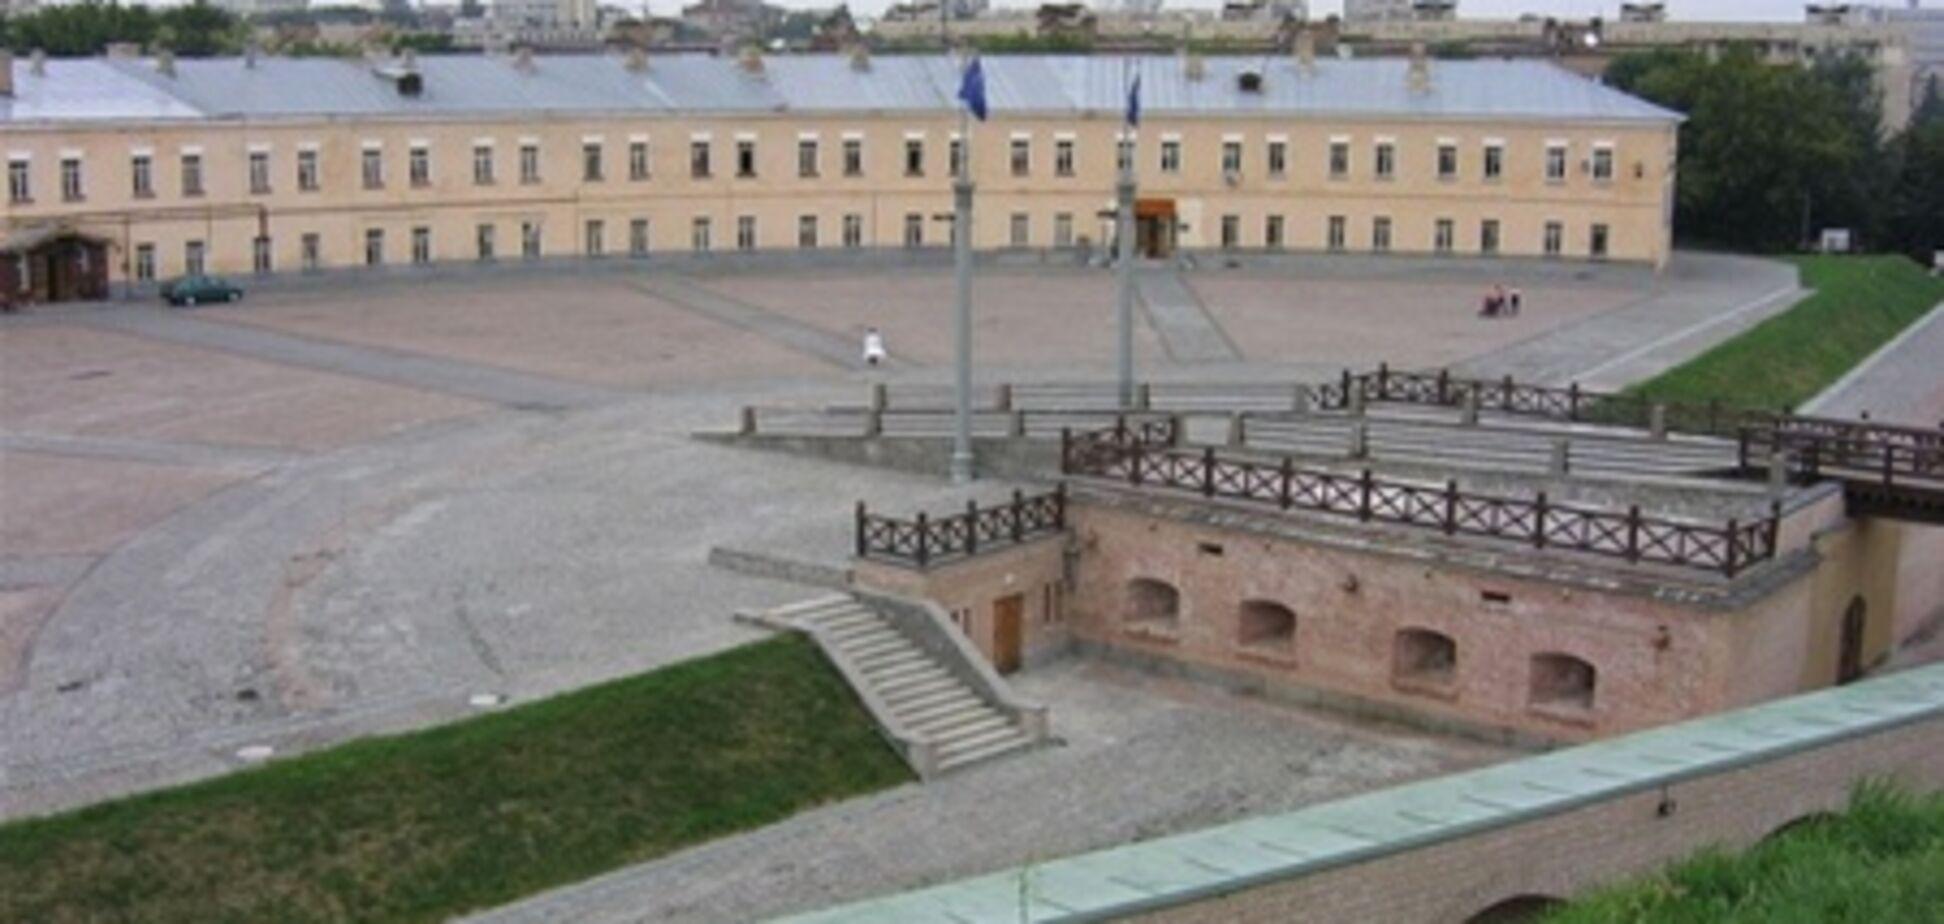 СМИ: представитель Путина пытался захватить 'Киевскую крепость'